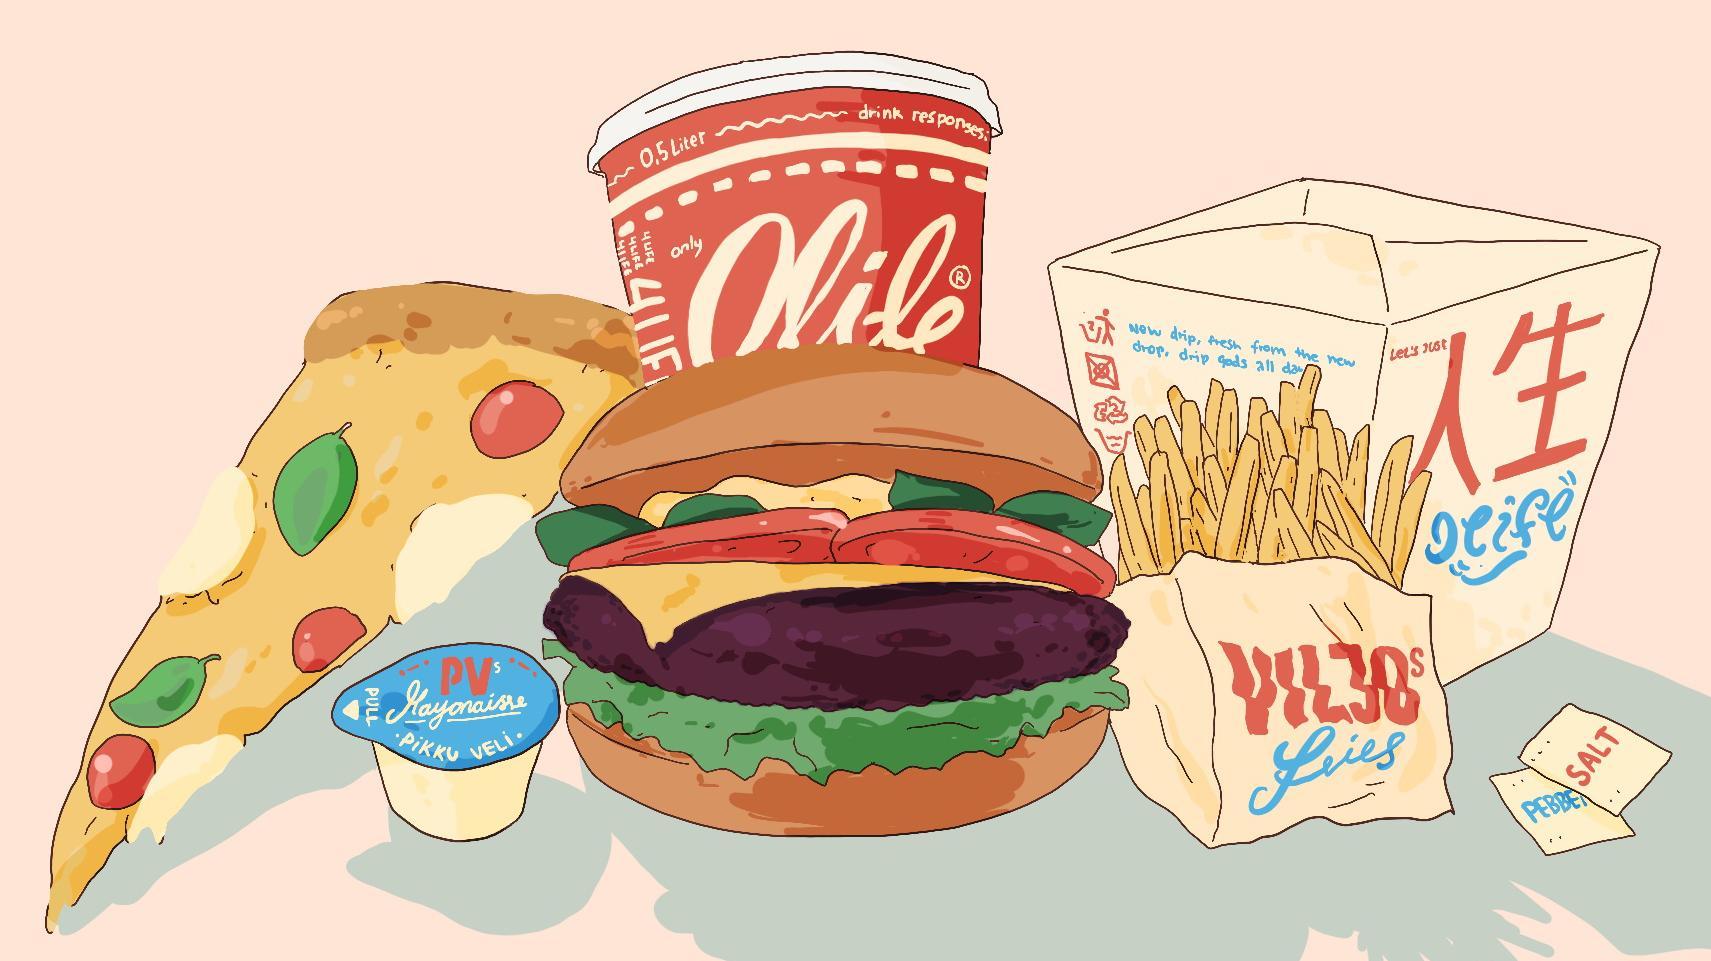 vegetarburger.jpg